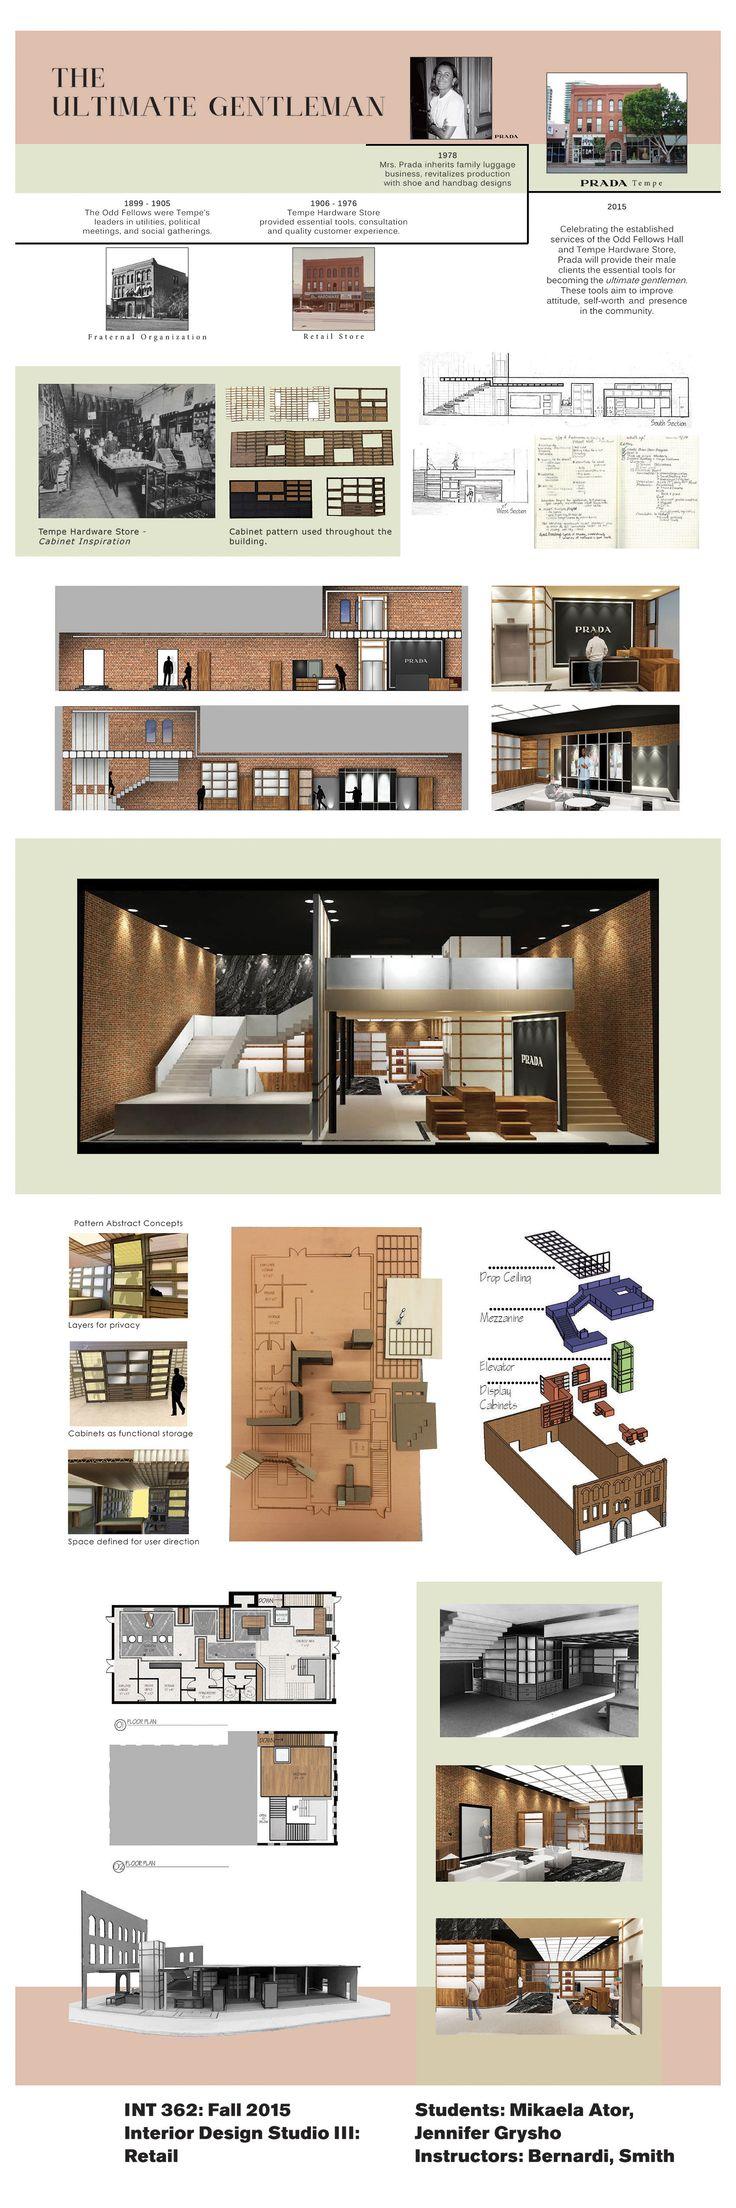 best 25 interior design degree ideas on pinterest interior learn more about the interior design program at https design asu